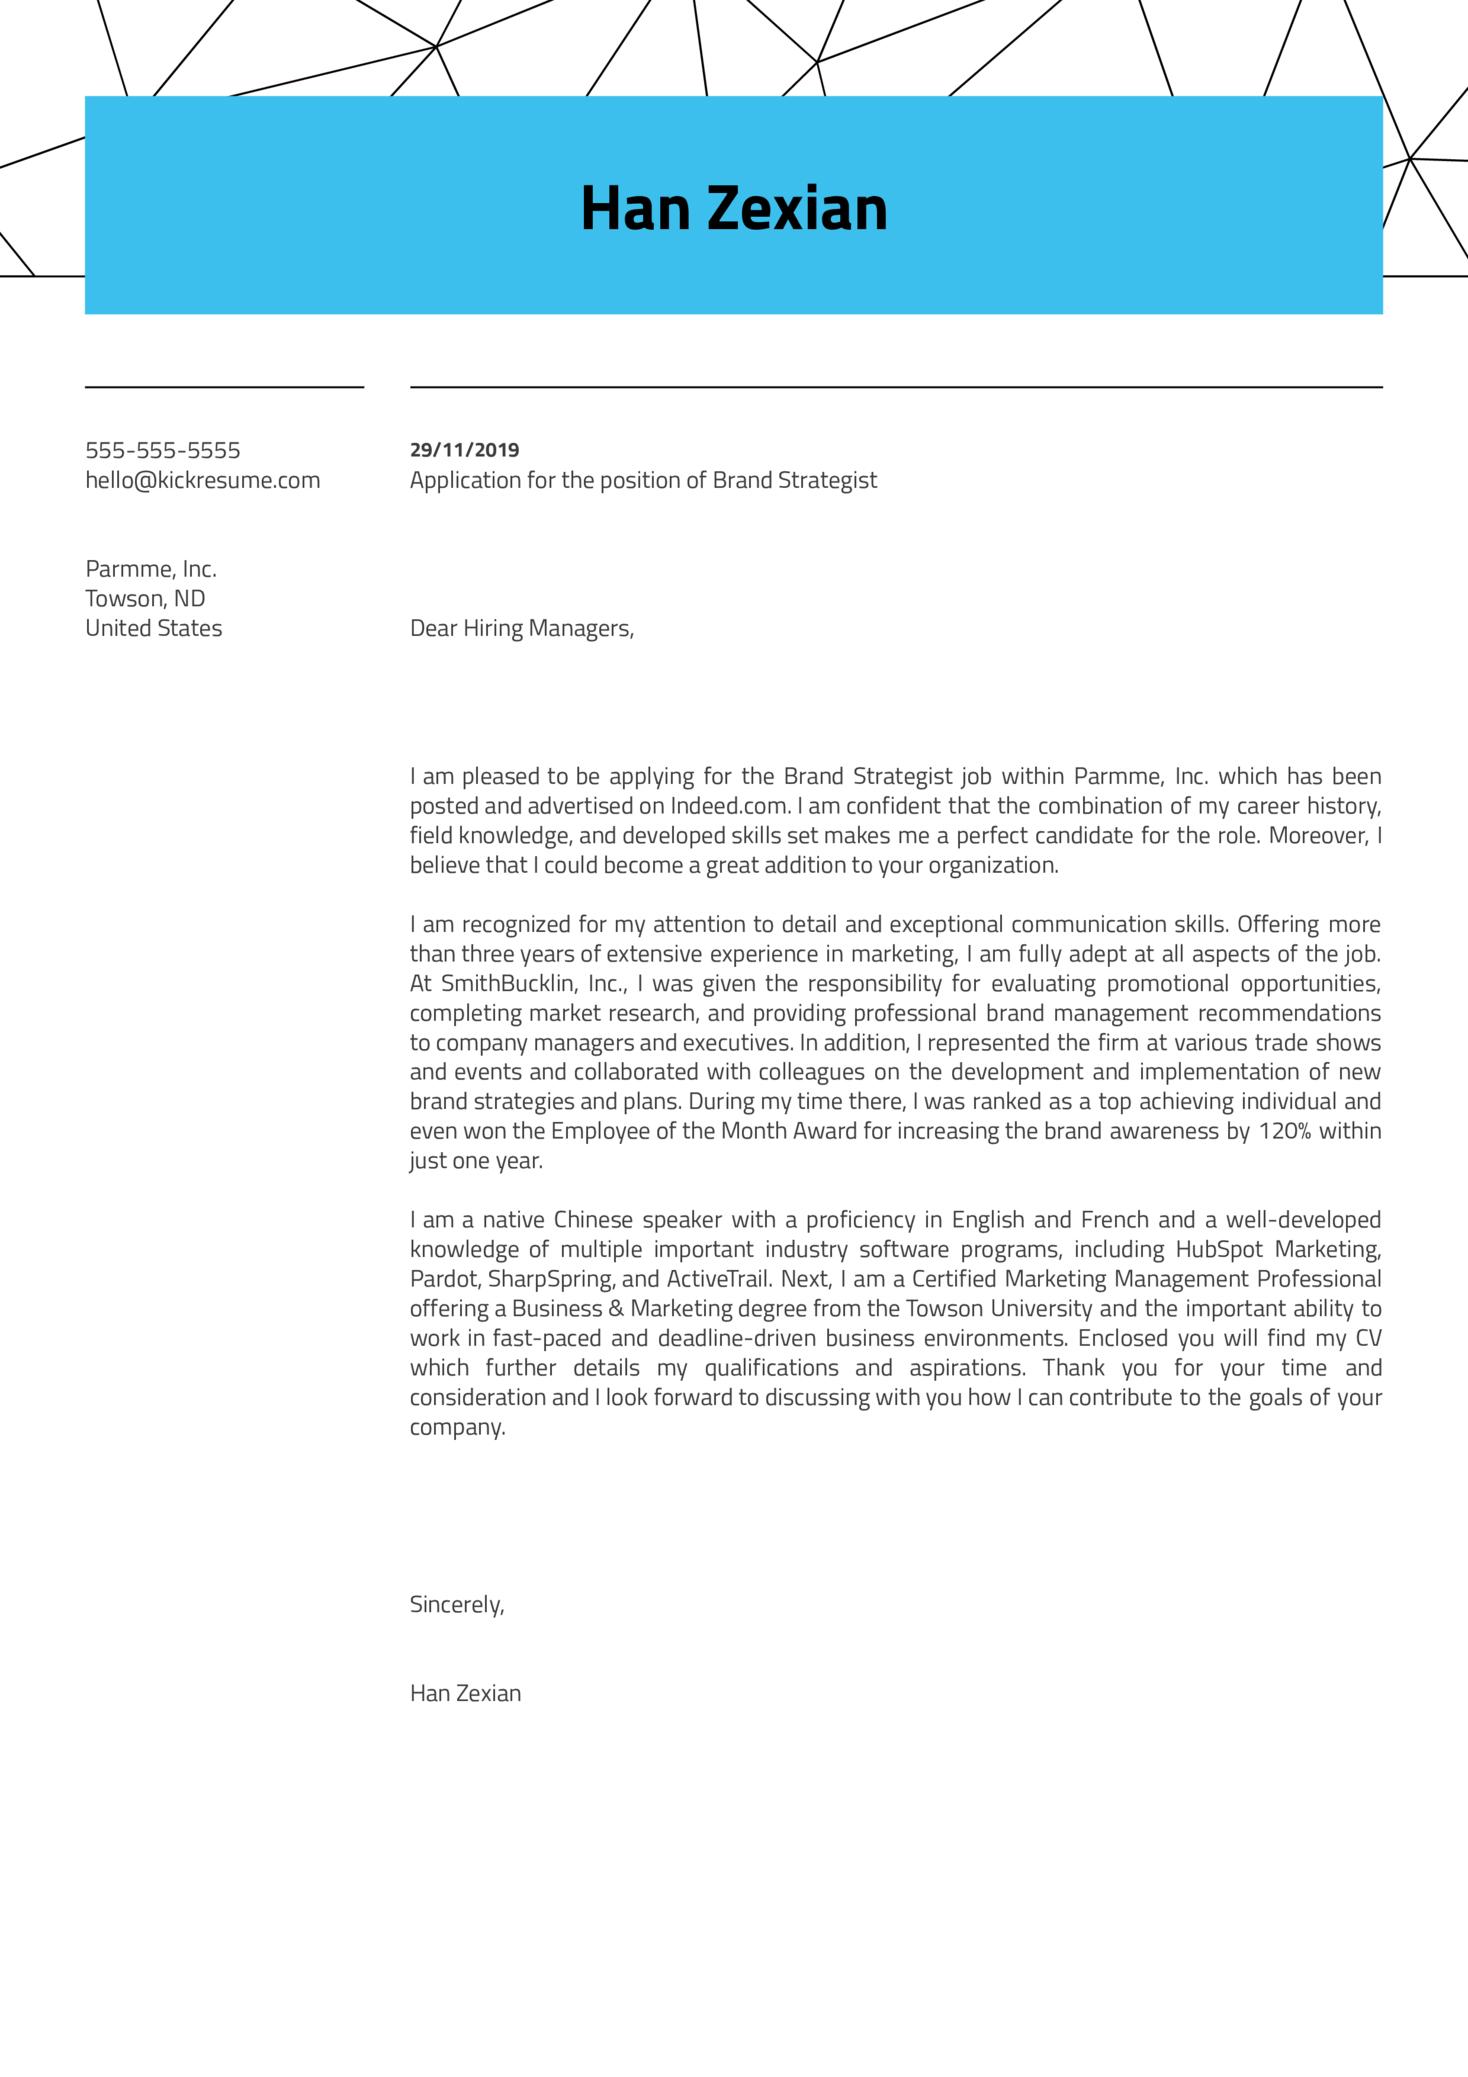 Brand Strategist Cover Letter Example